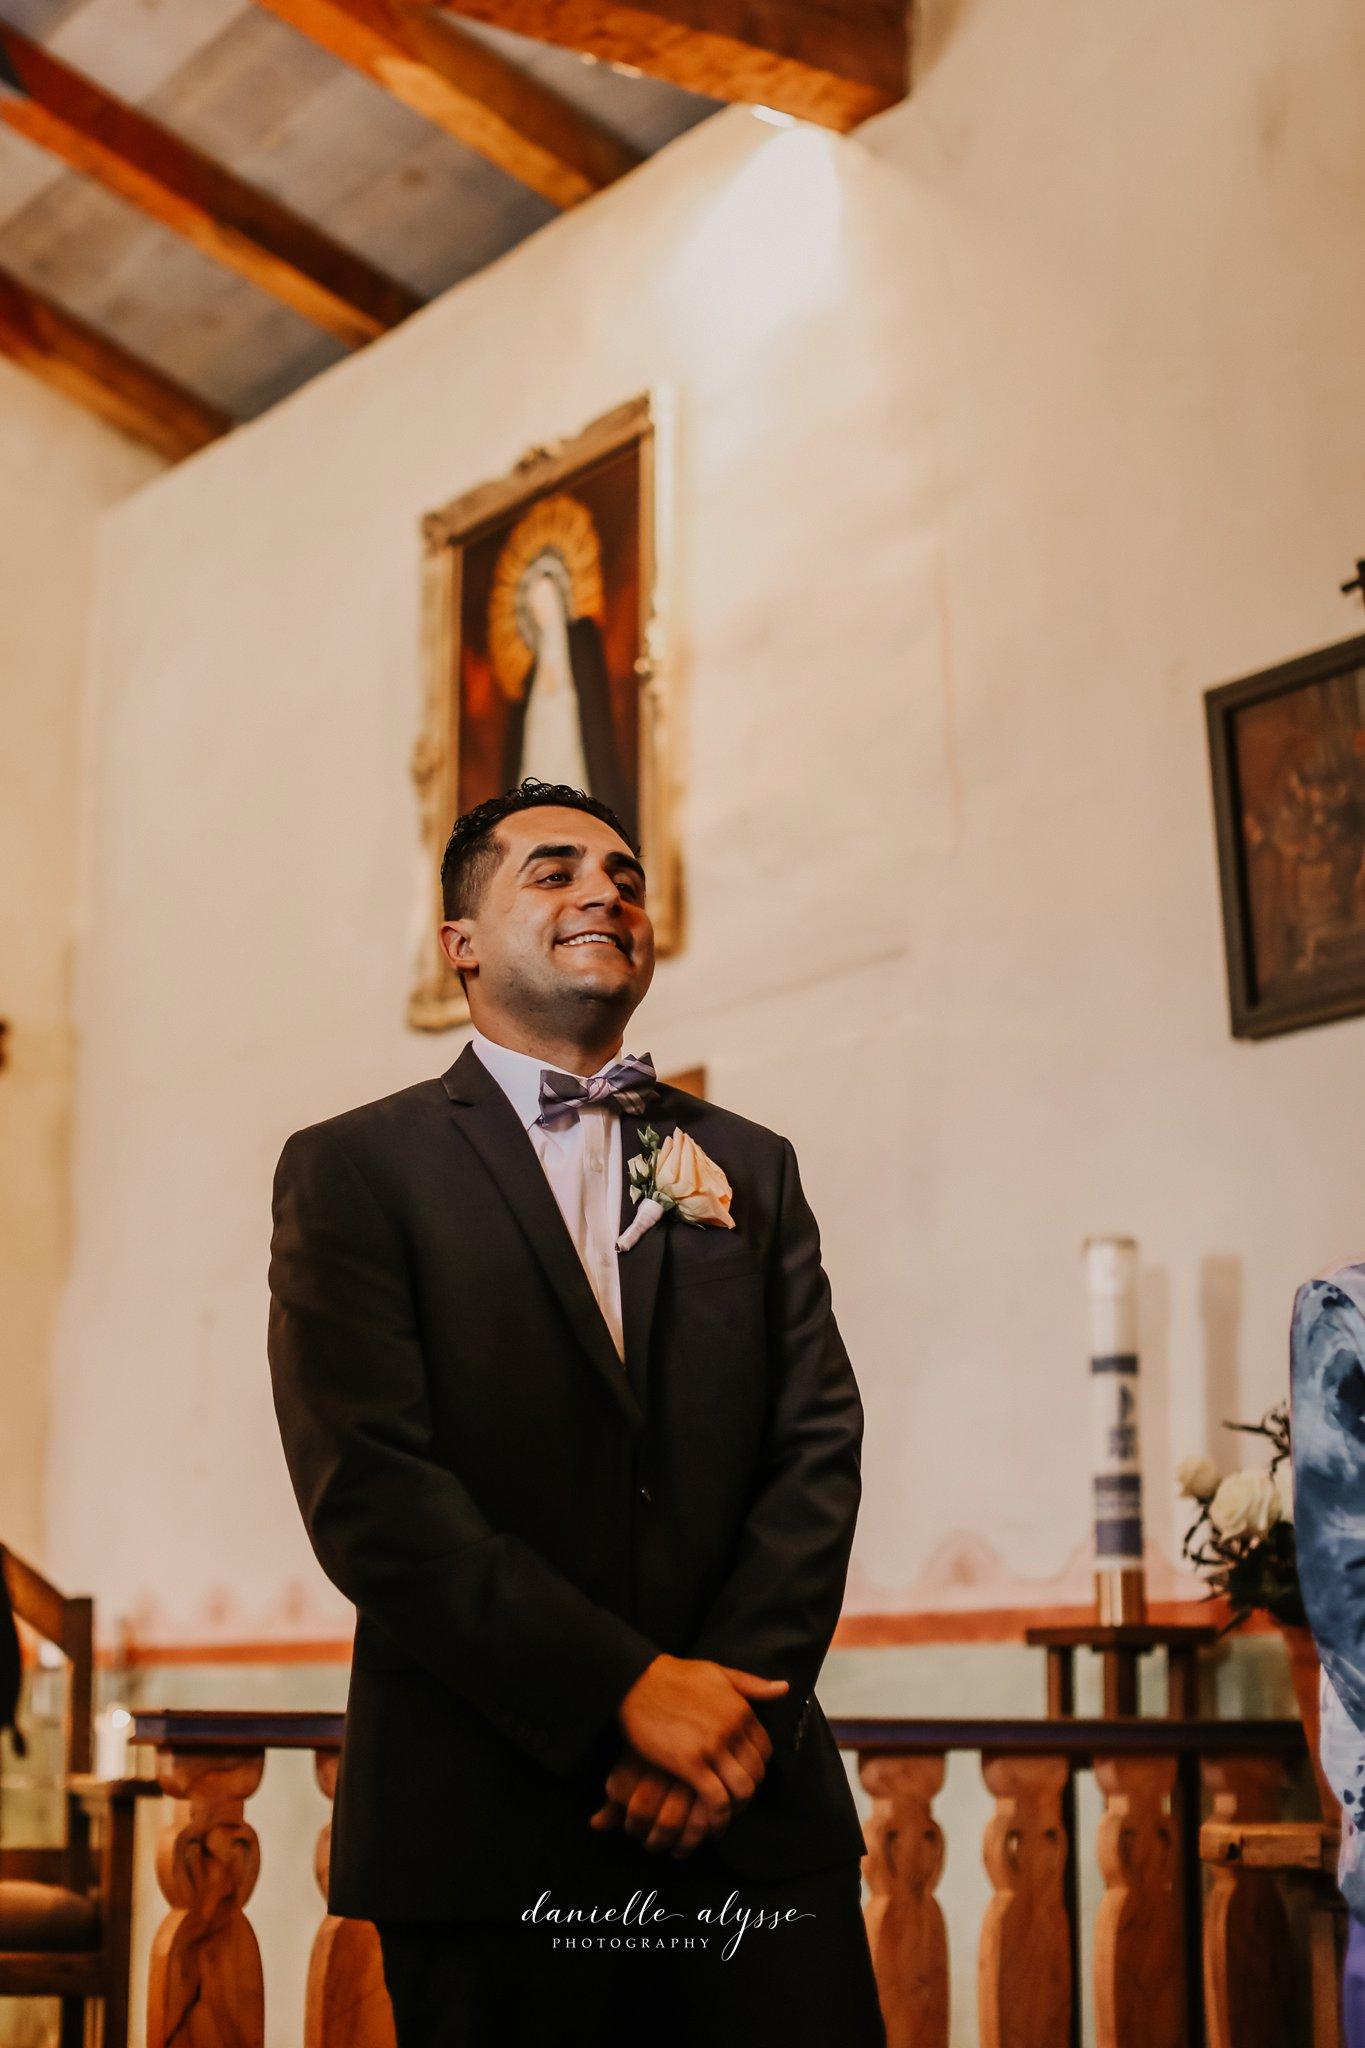 180630_wedding_lily_ryan_mission_soledad_california_danielle_alysse_photography_blog_373_WEB.jpg